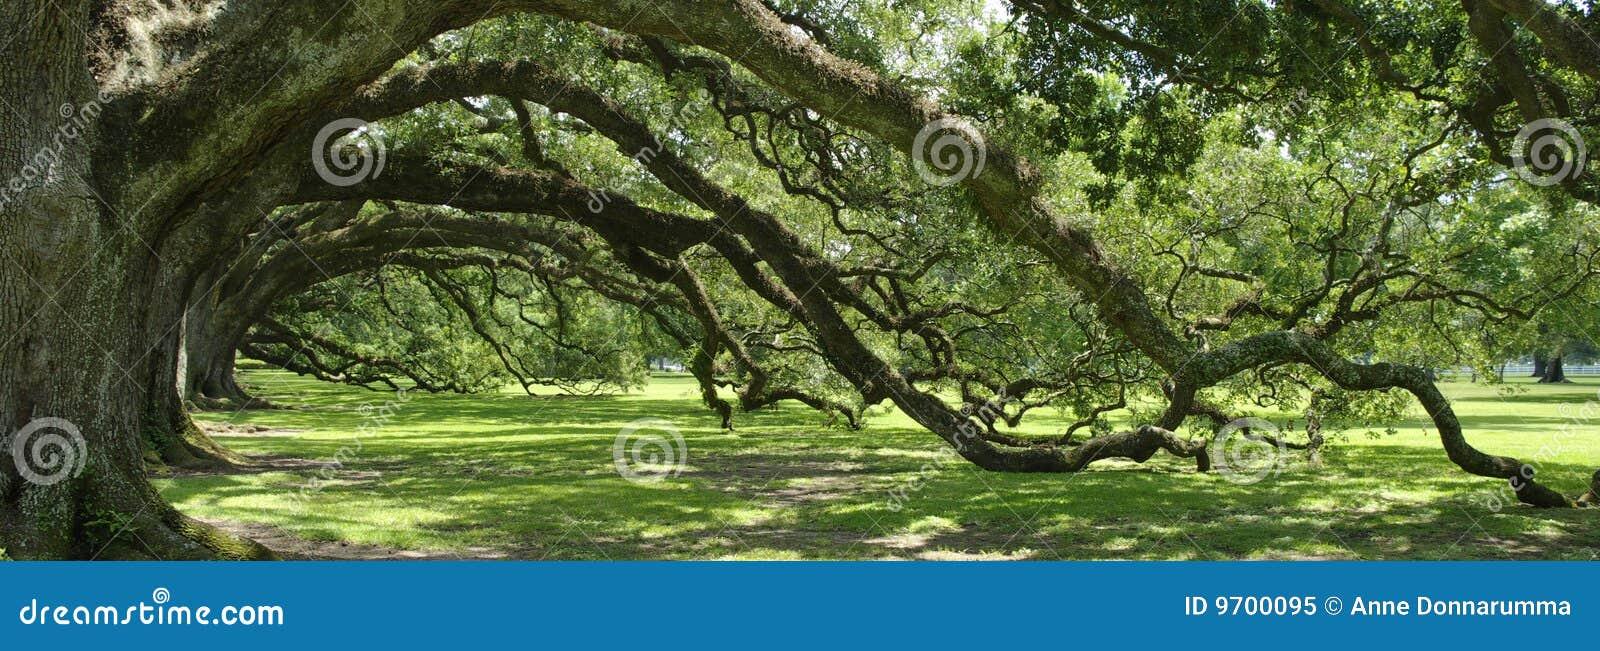 Southern Green Live Oak Arch